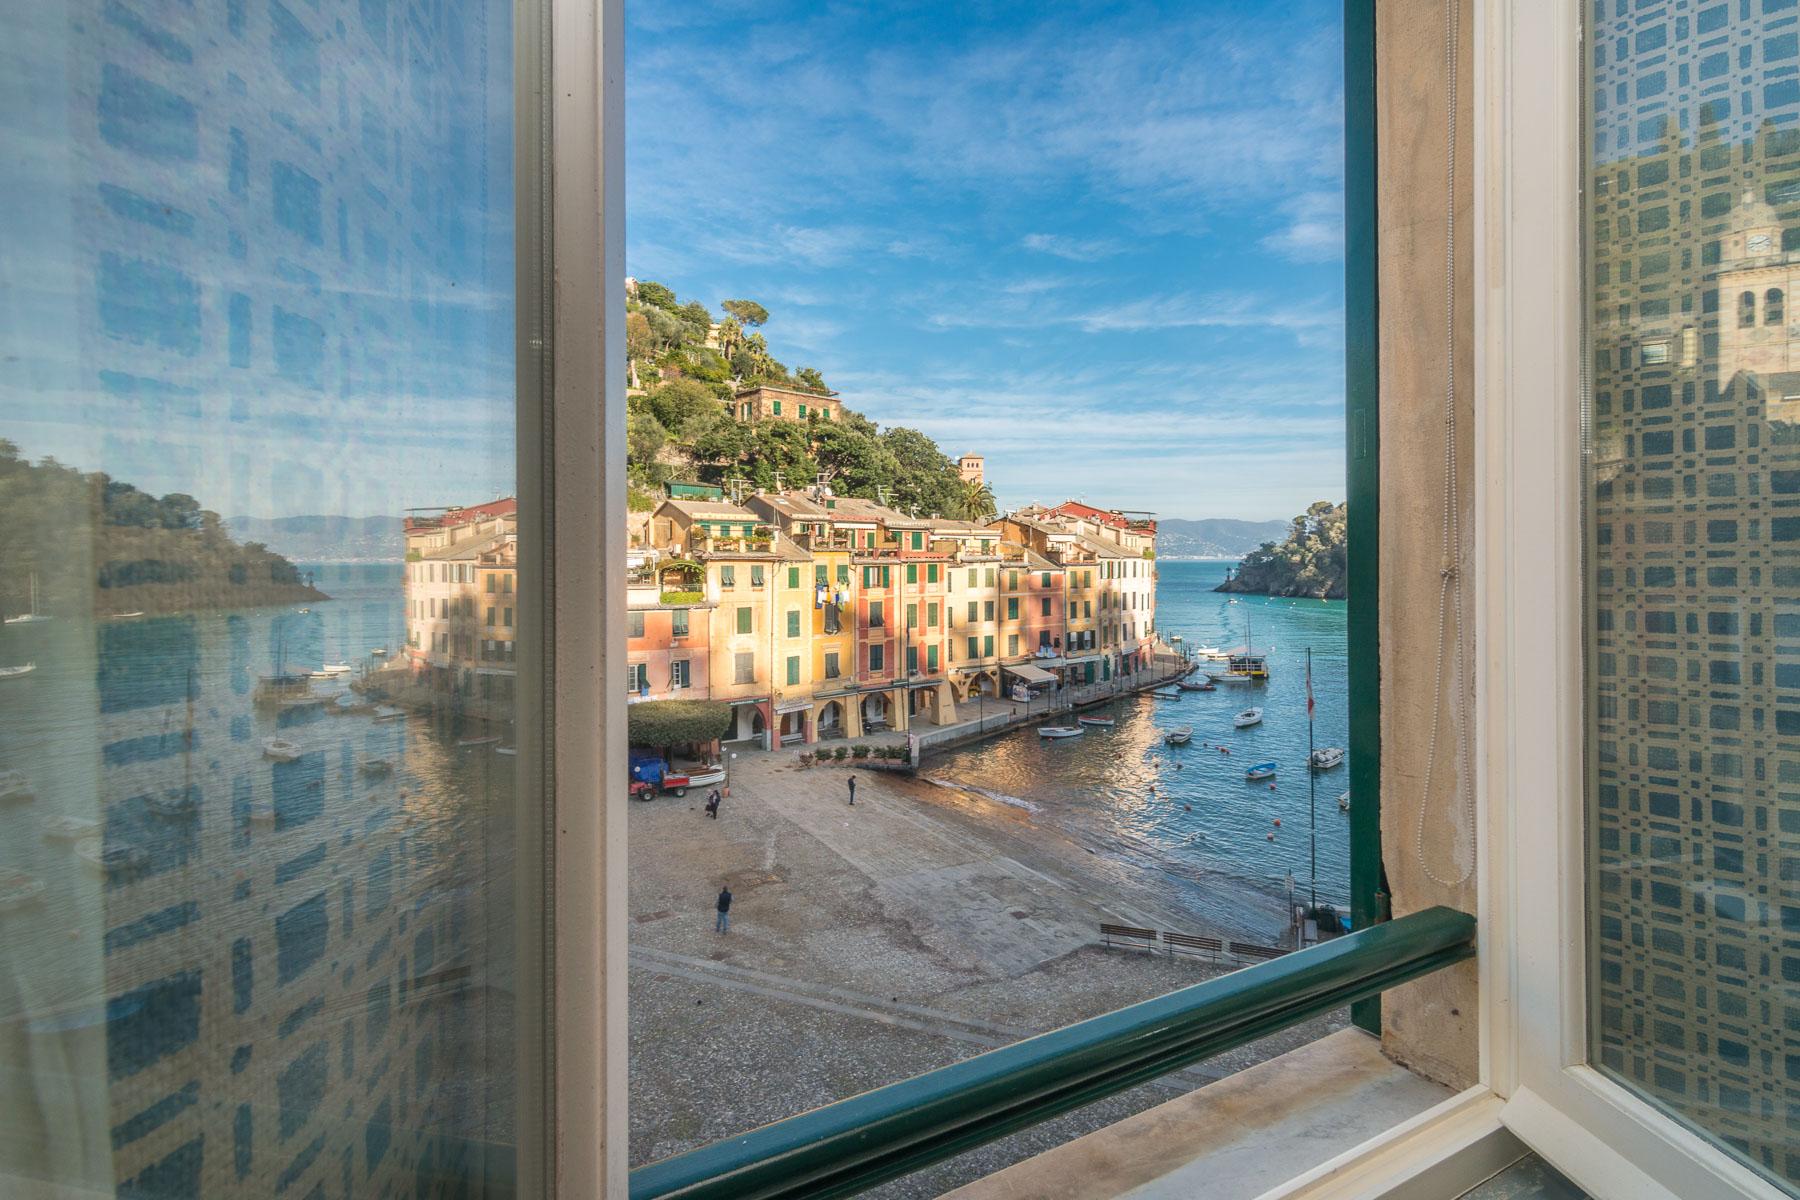 Attico in Vendita a Portofino: 5 locali, 173 mq - Foto 12